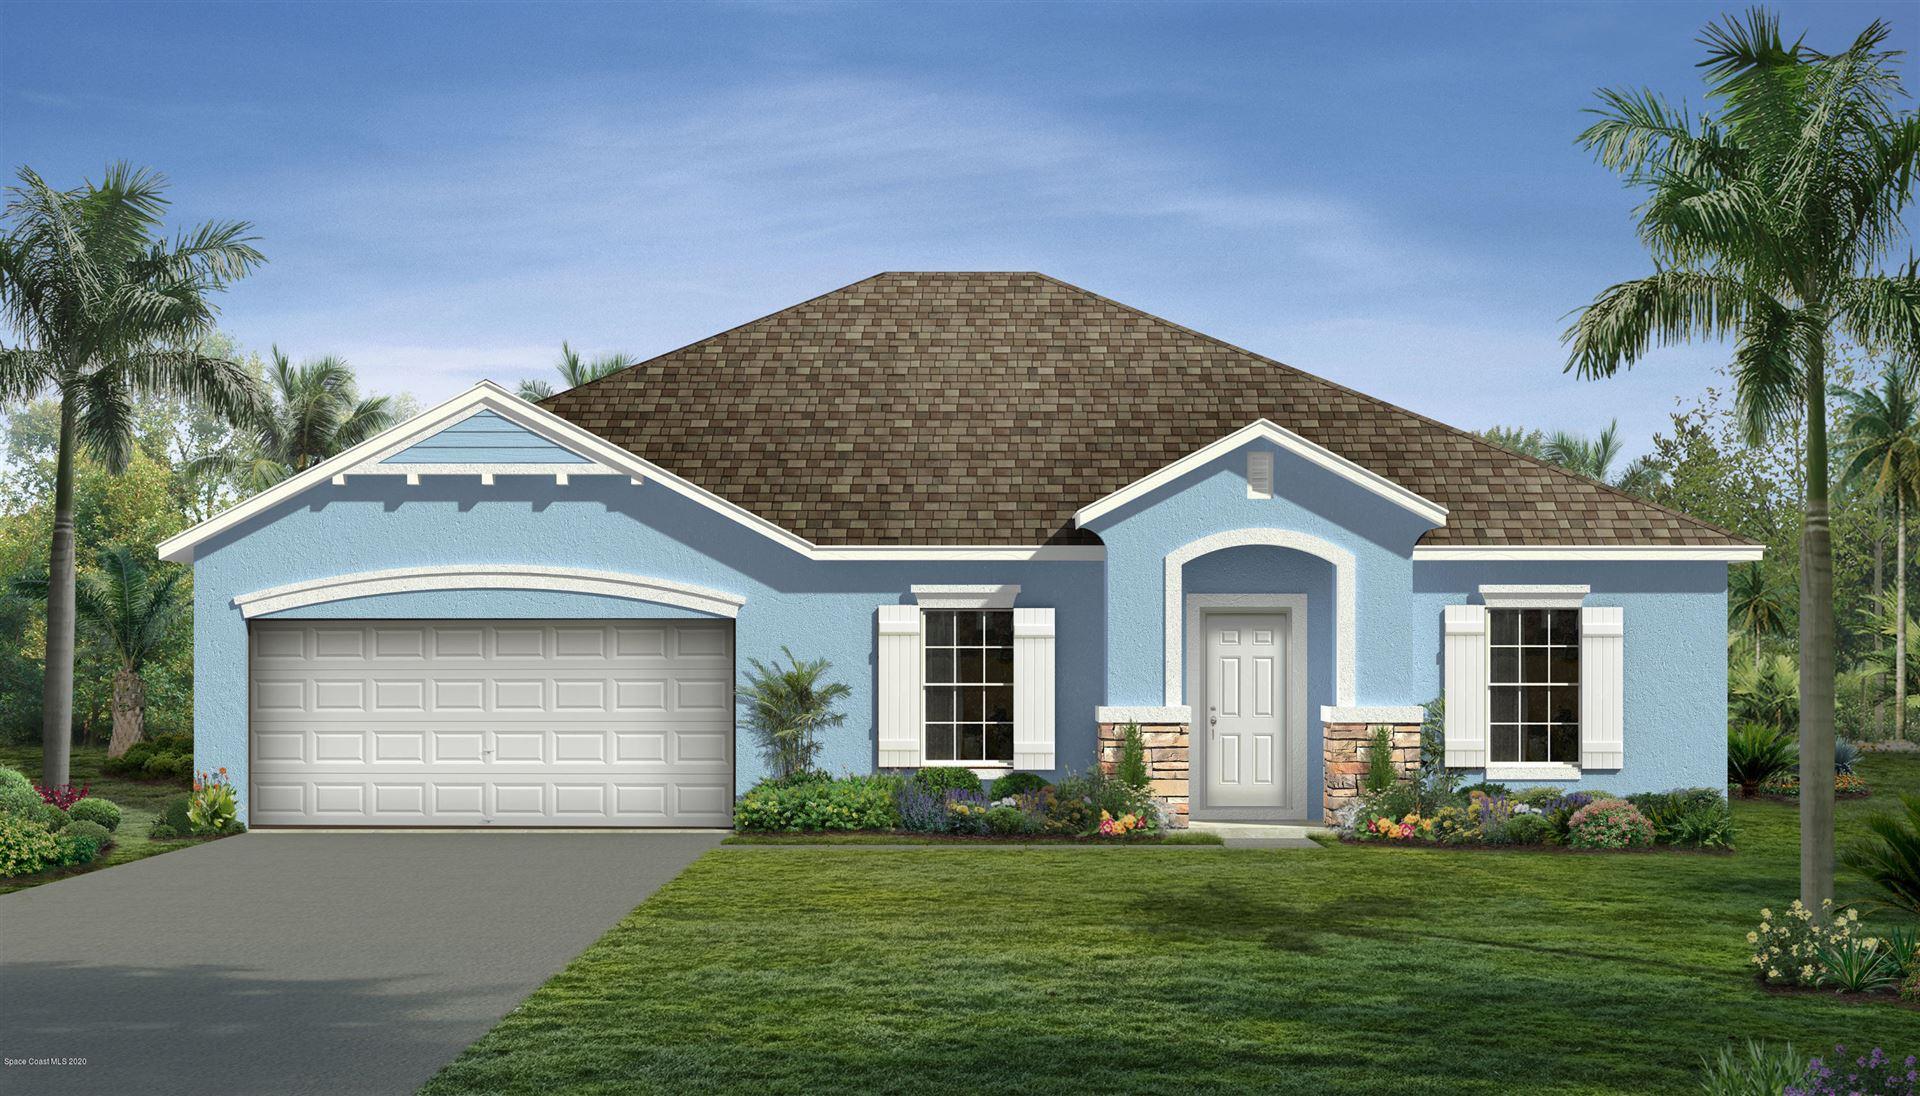 1163 Colonnade Avenue, Palm Bay, FL 32909 - #: 879956